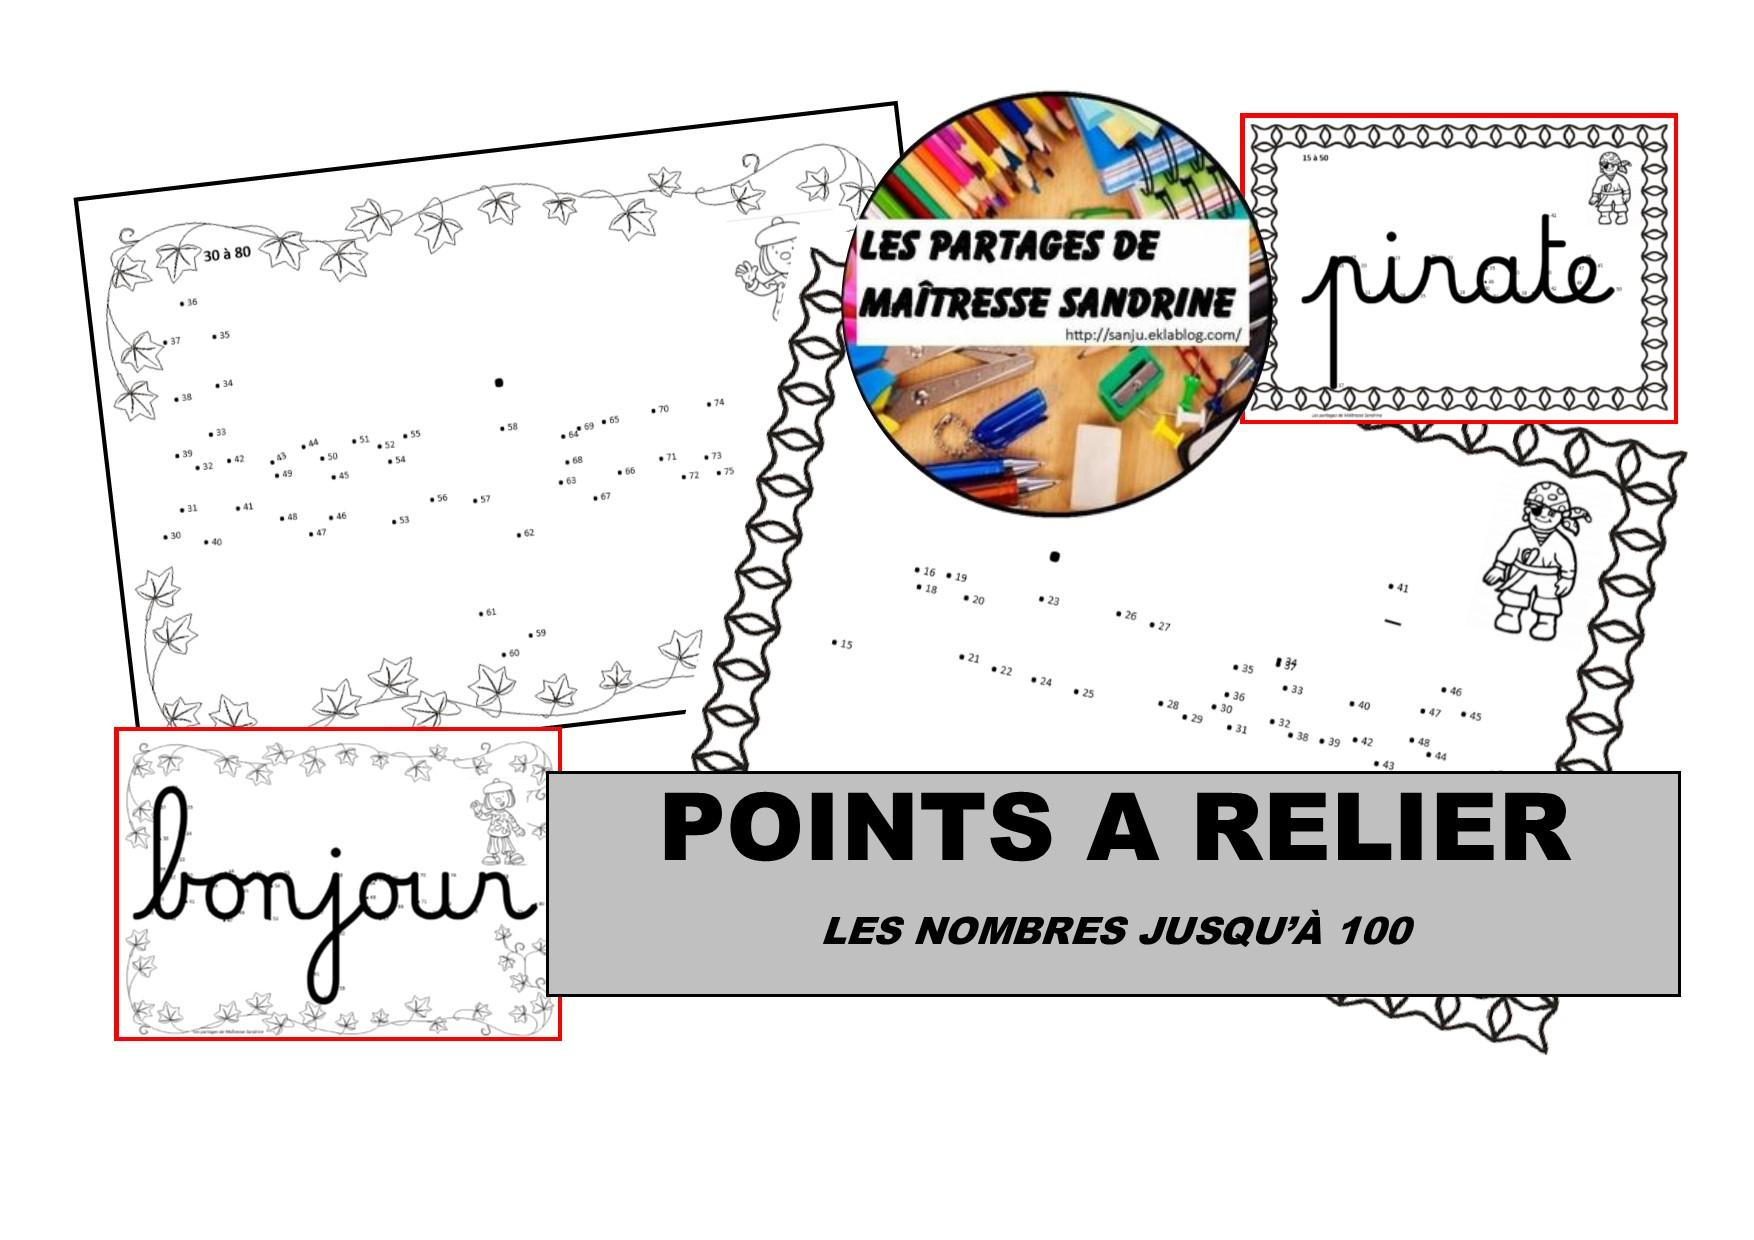 Numération - Points À Relier - Les Partages De Maîtresse destiné Relier Les Points De 1 À 30